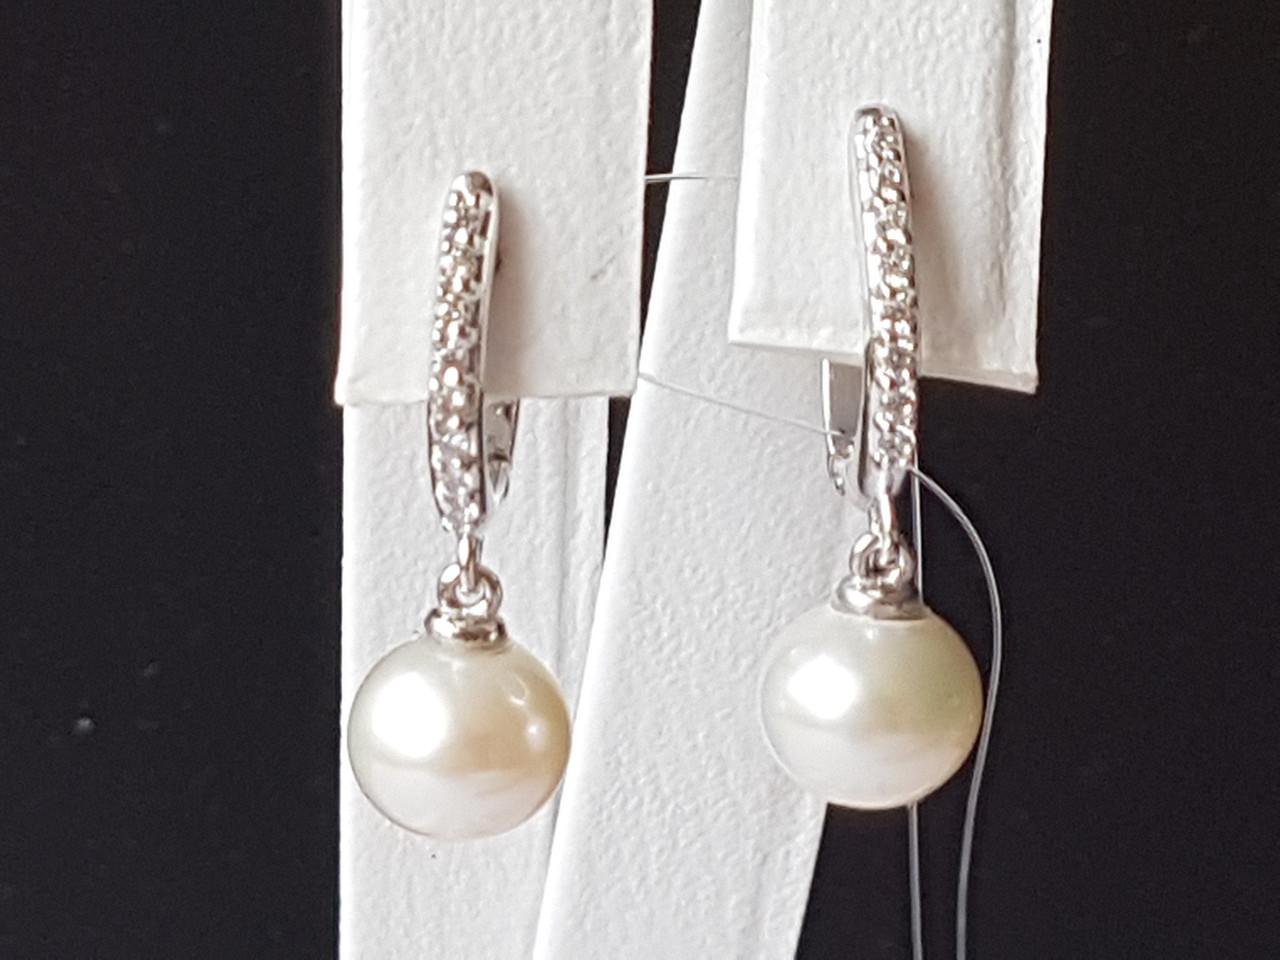 Серебряные серьги с жемчугом и фианитами. Артикул 902-00734-10